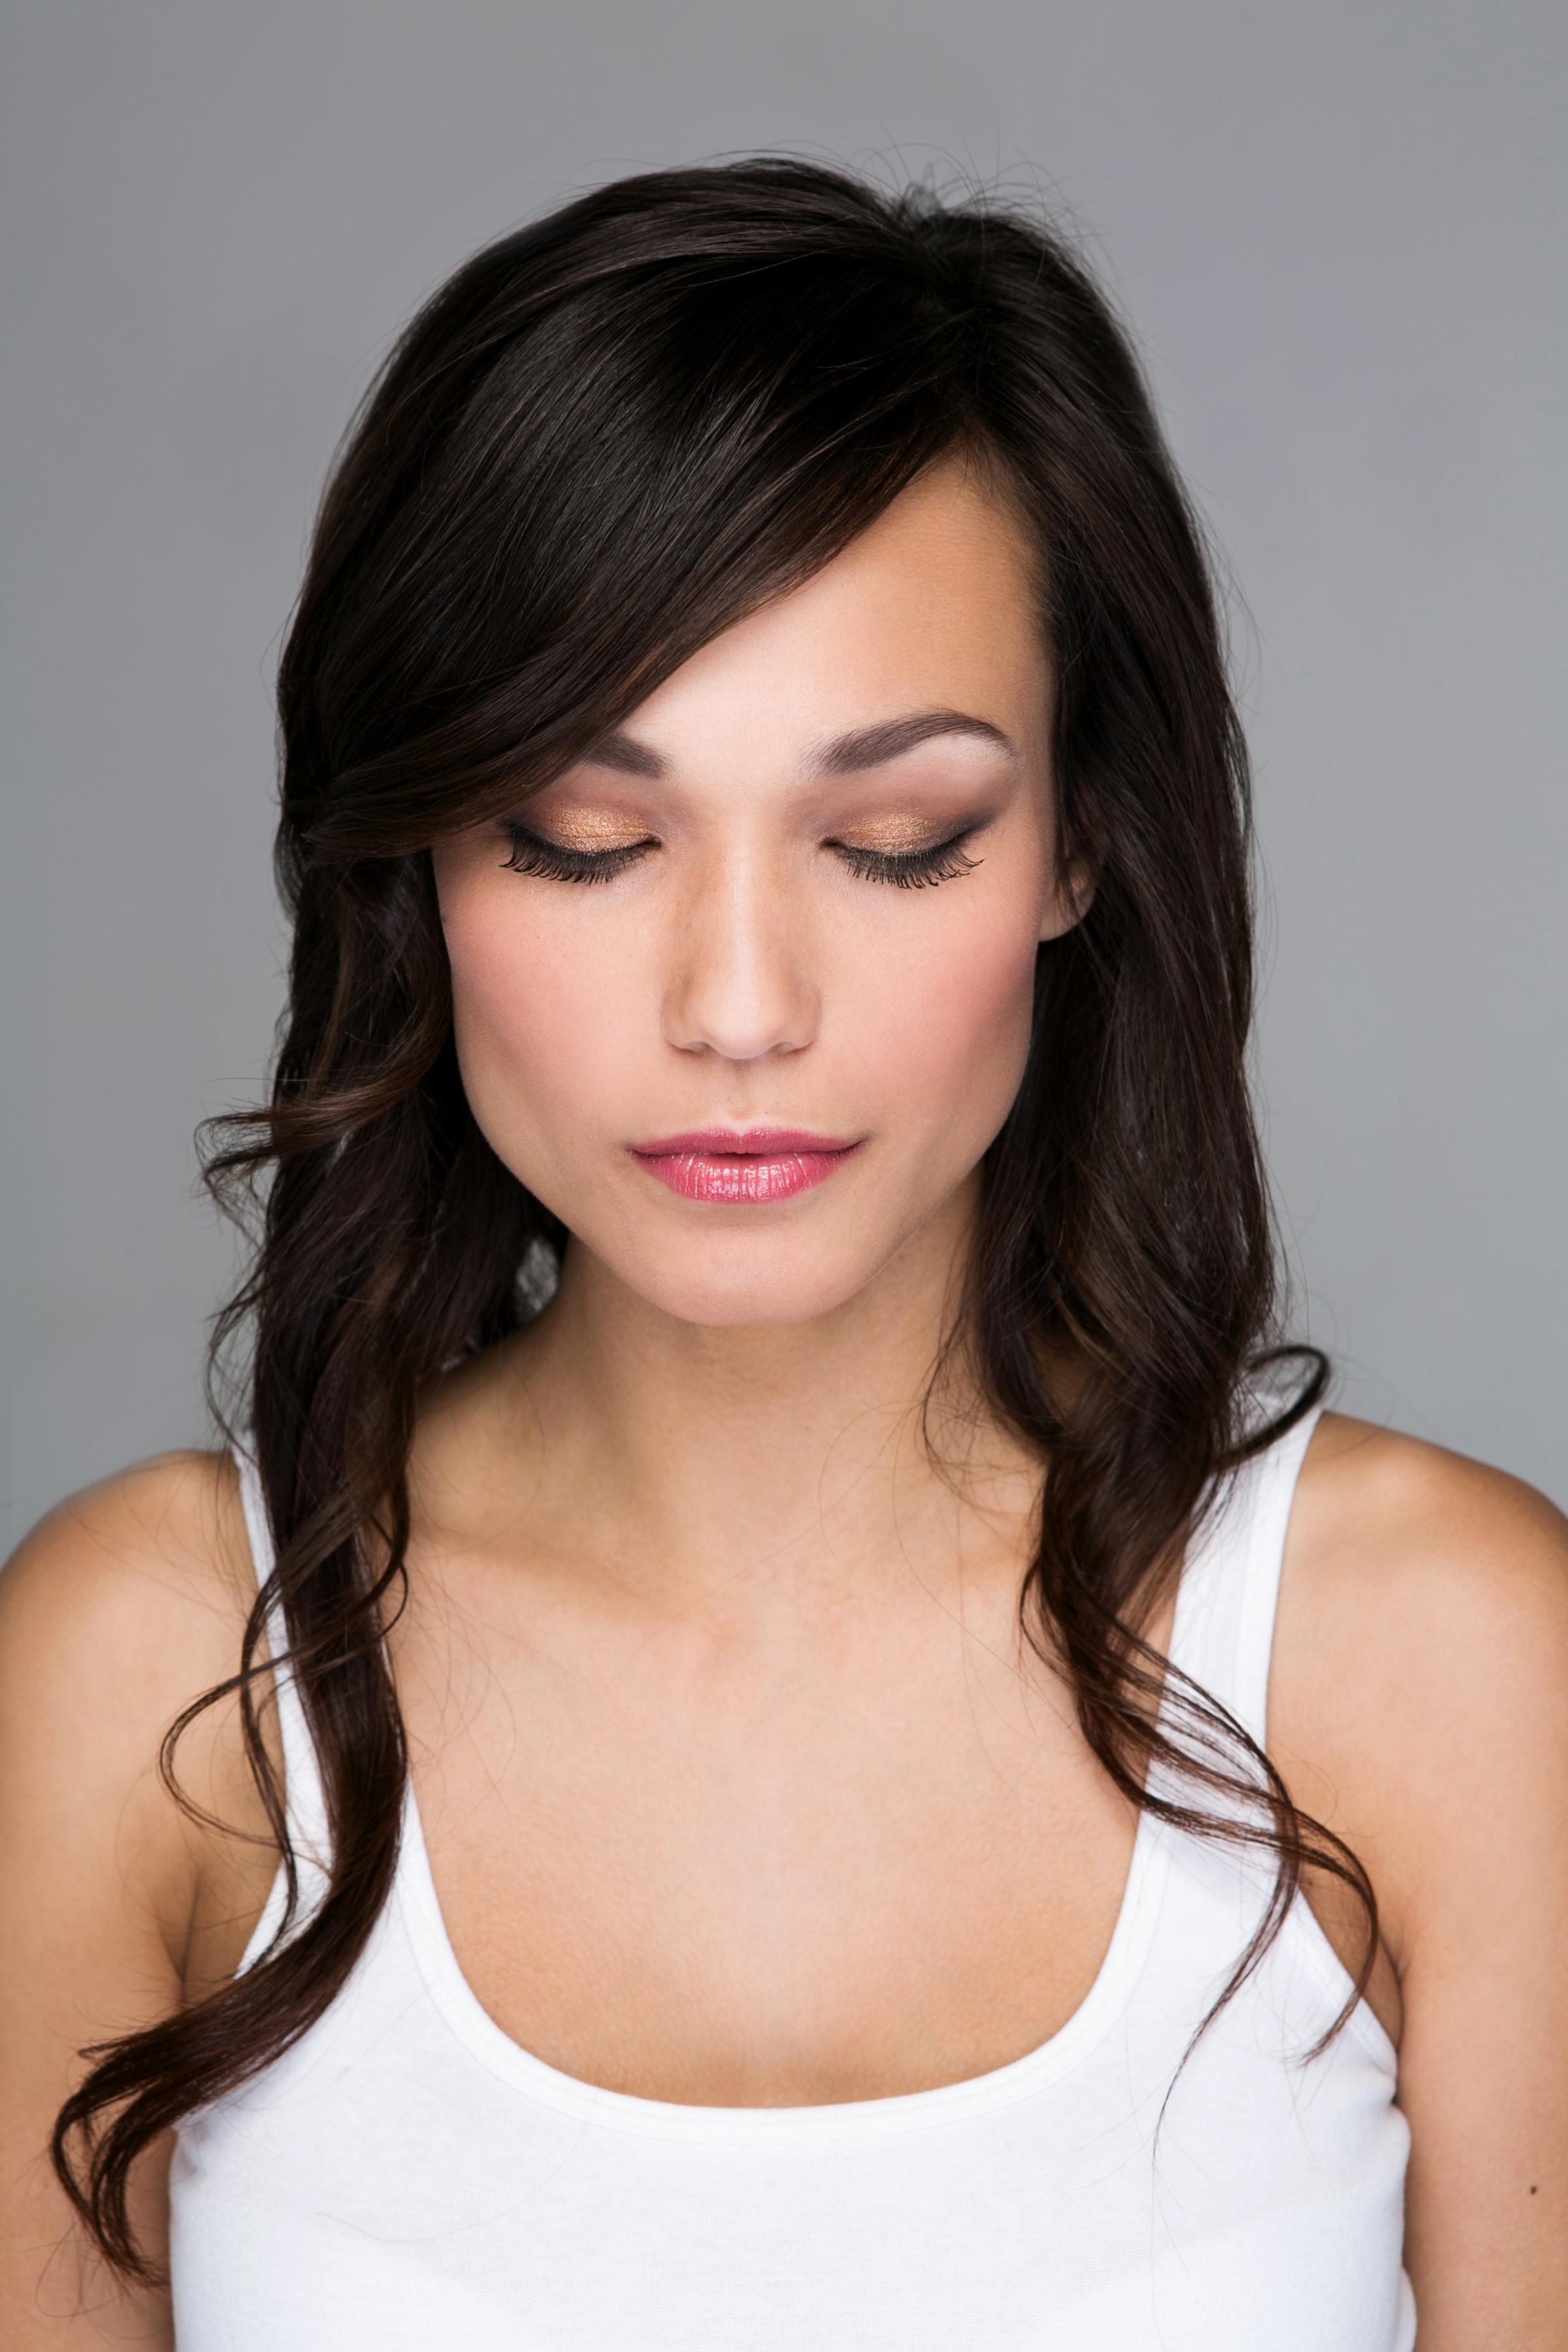 a makeup 003.jpg